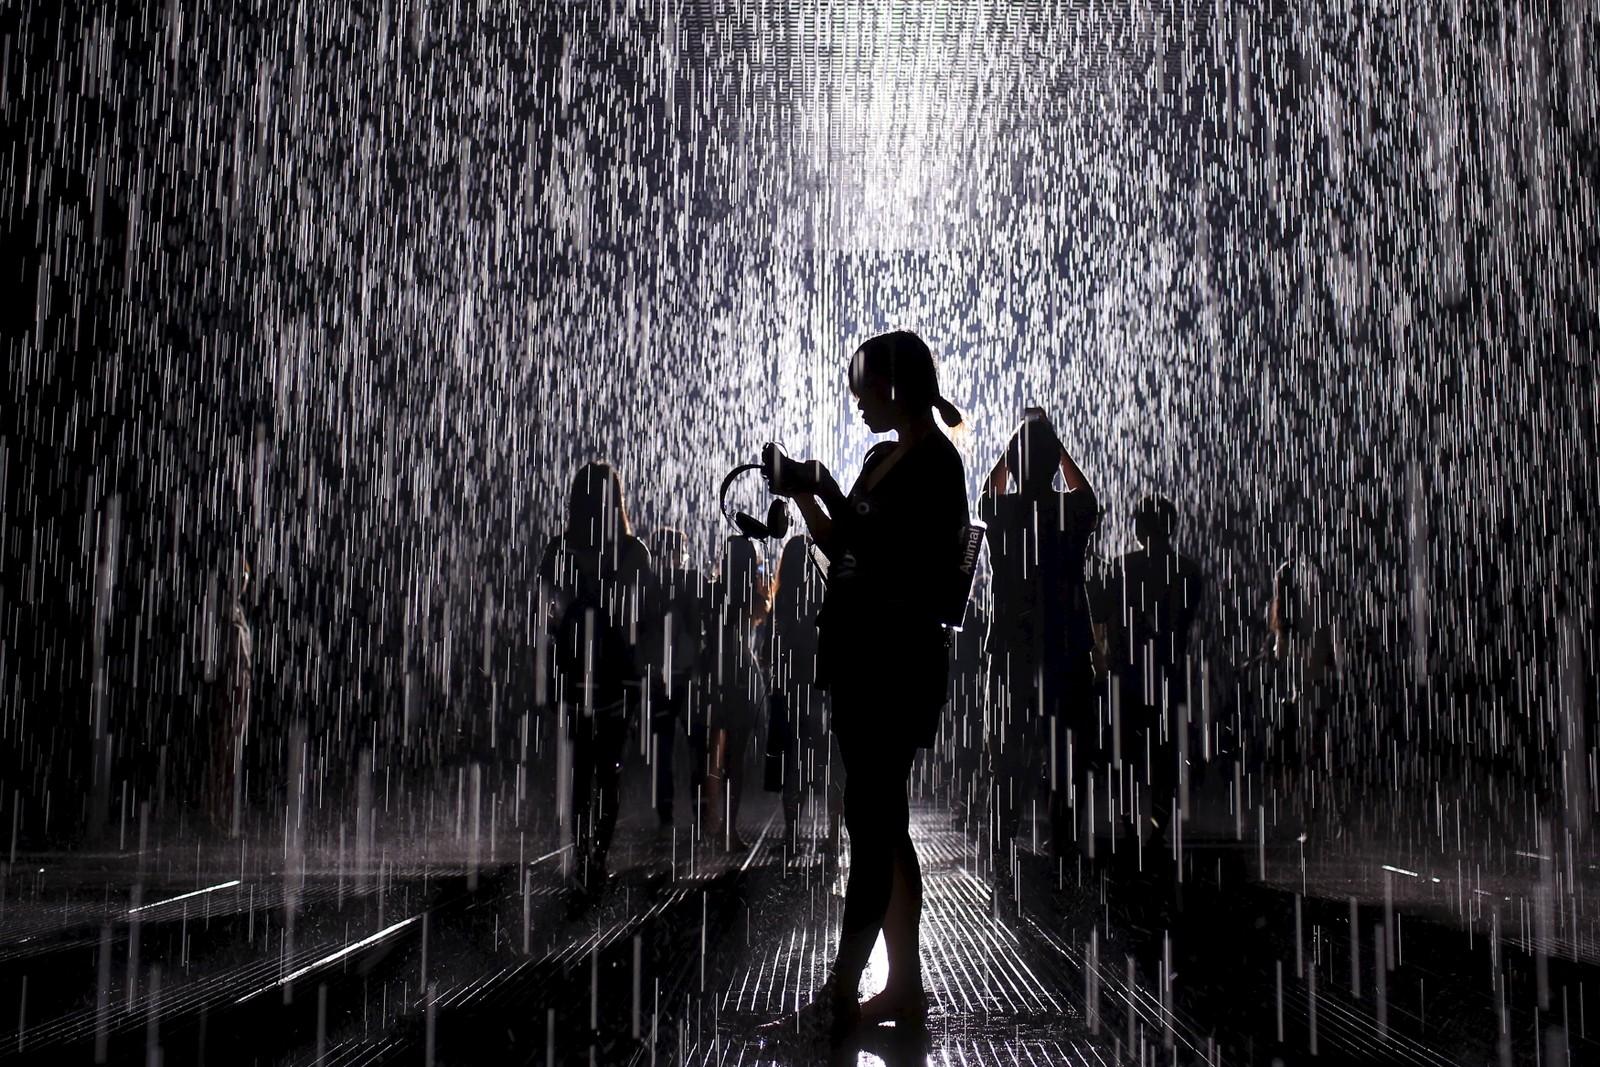 Du kan gå i regnet uten å bli våt i denne kunstinstallasjonen. Rain Room heter den og blir akkurat når vist fram på et museum i Shanghai.